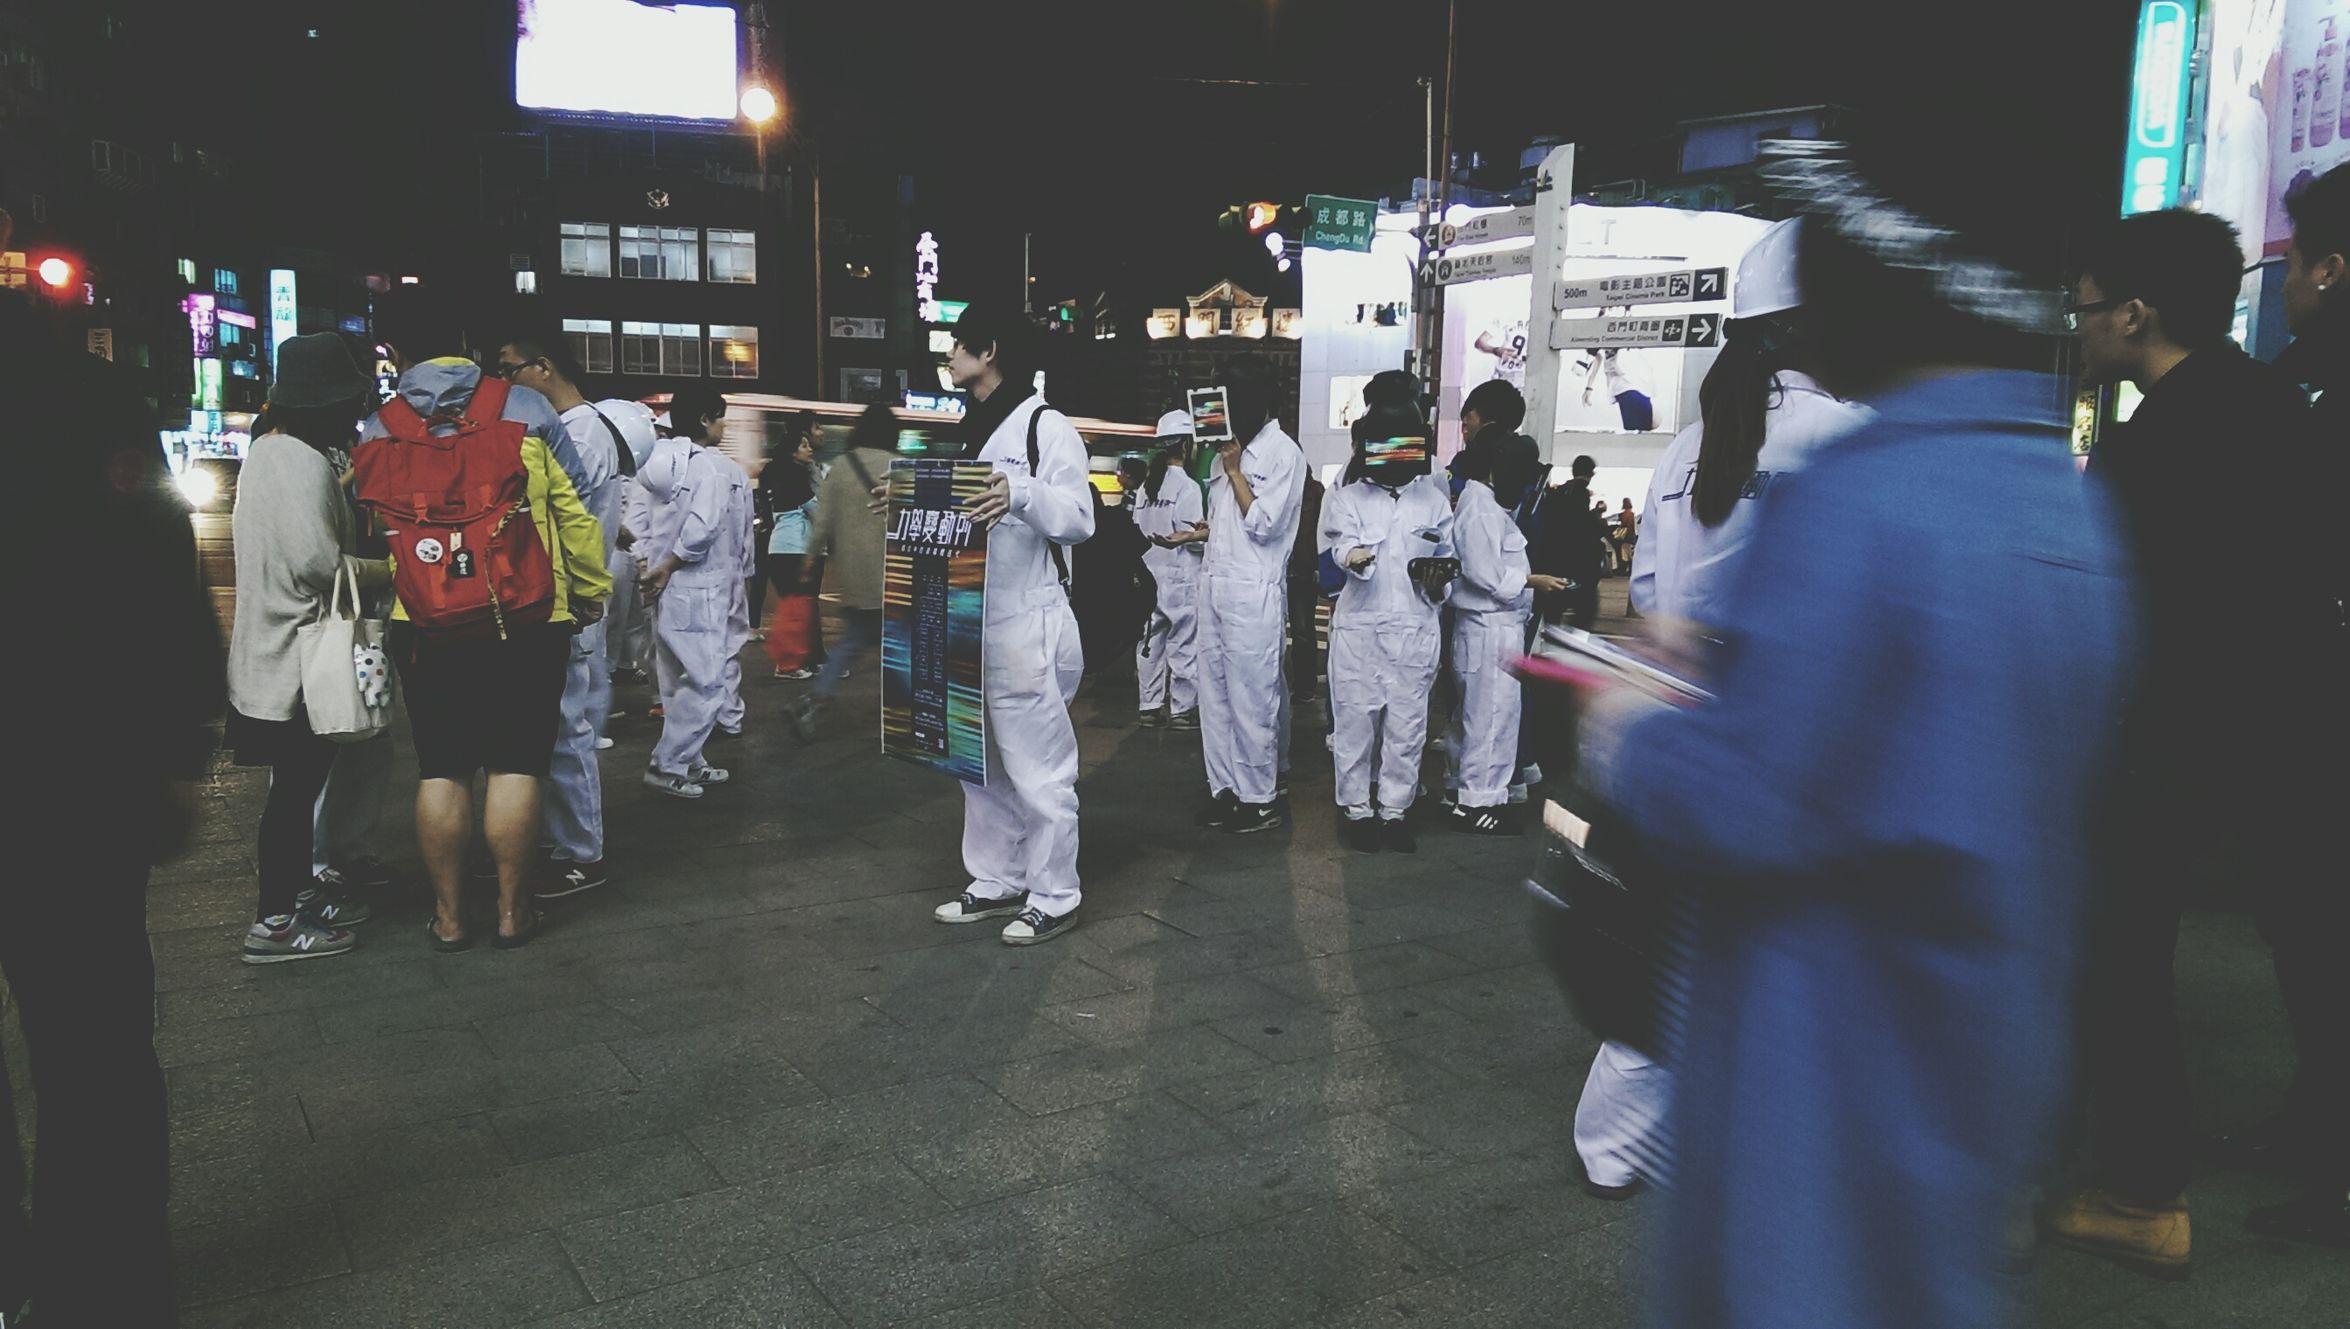 我看著站在遠方的你依然如此美好如往昔 力學變動所 臺北藝術大學 新媒系 畢業展 National Taipei University Of Arts